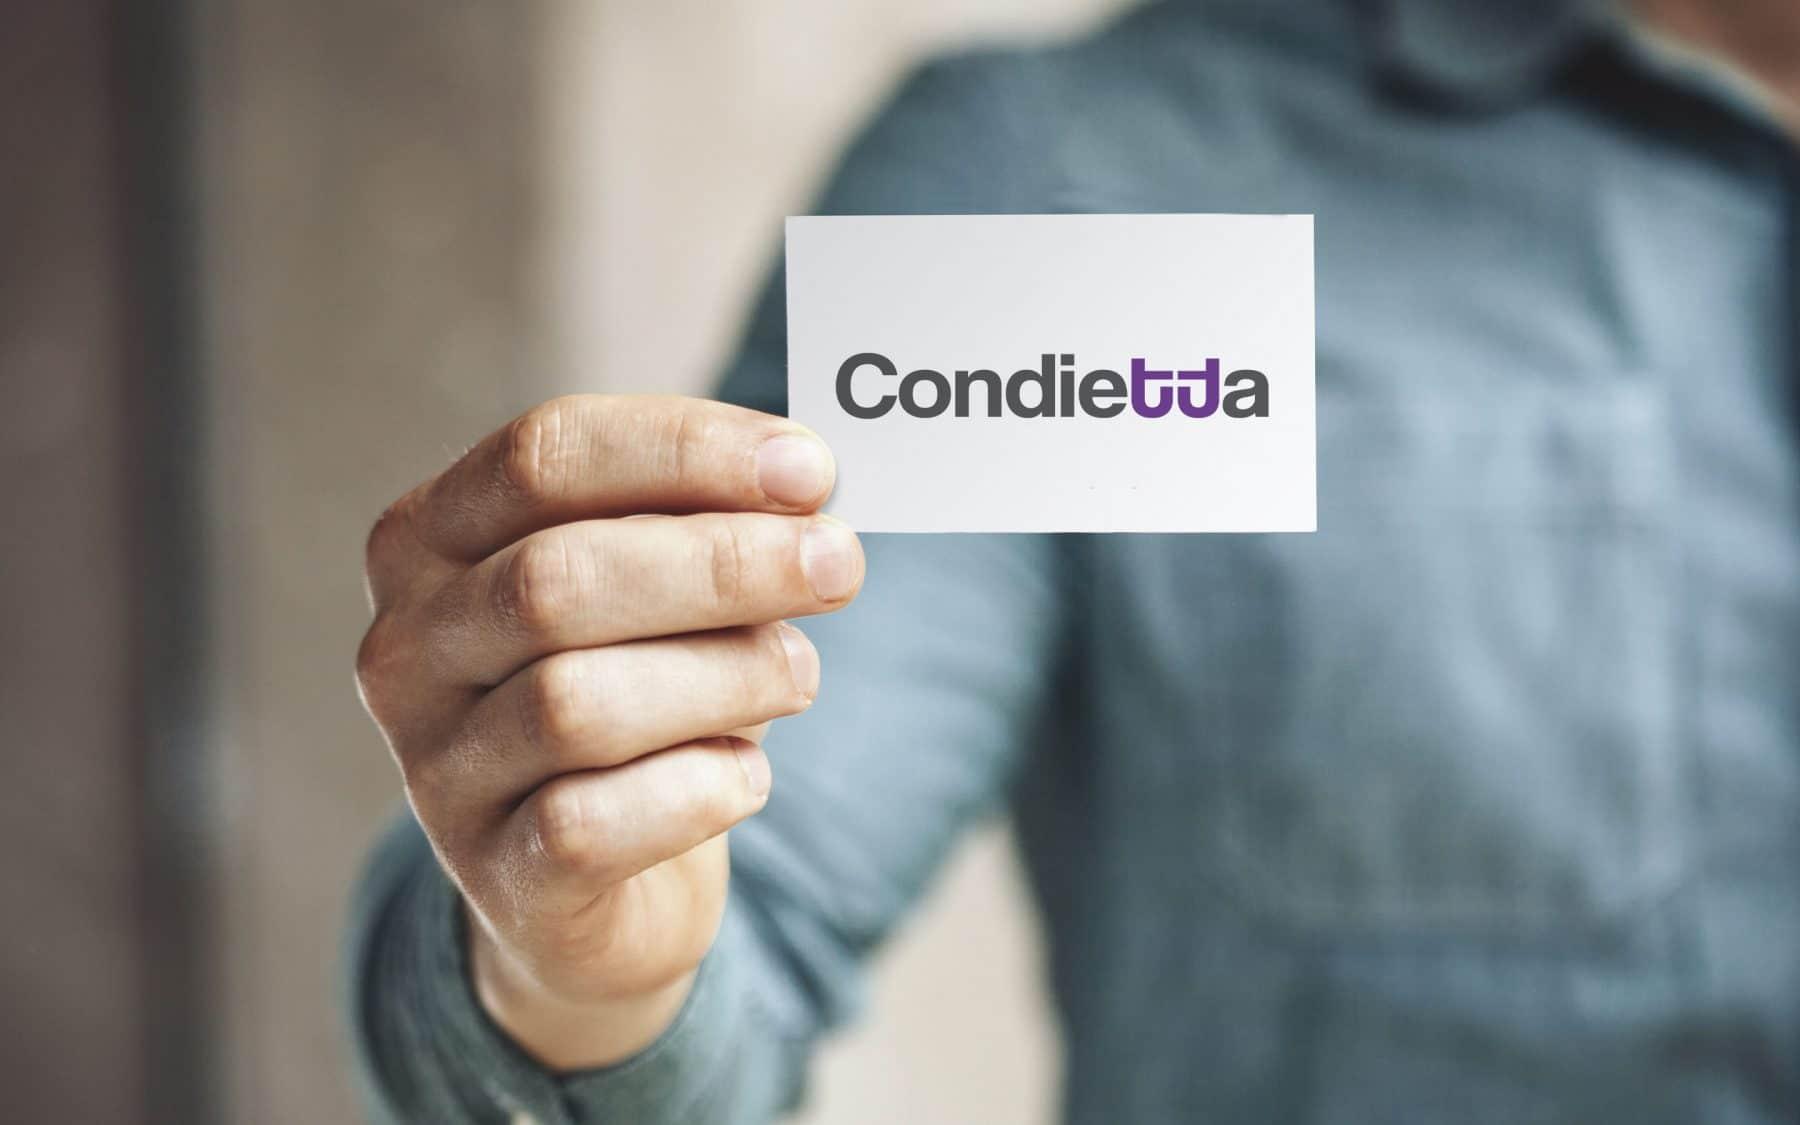 Condietta 1